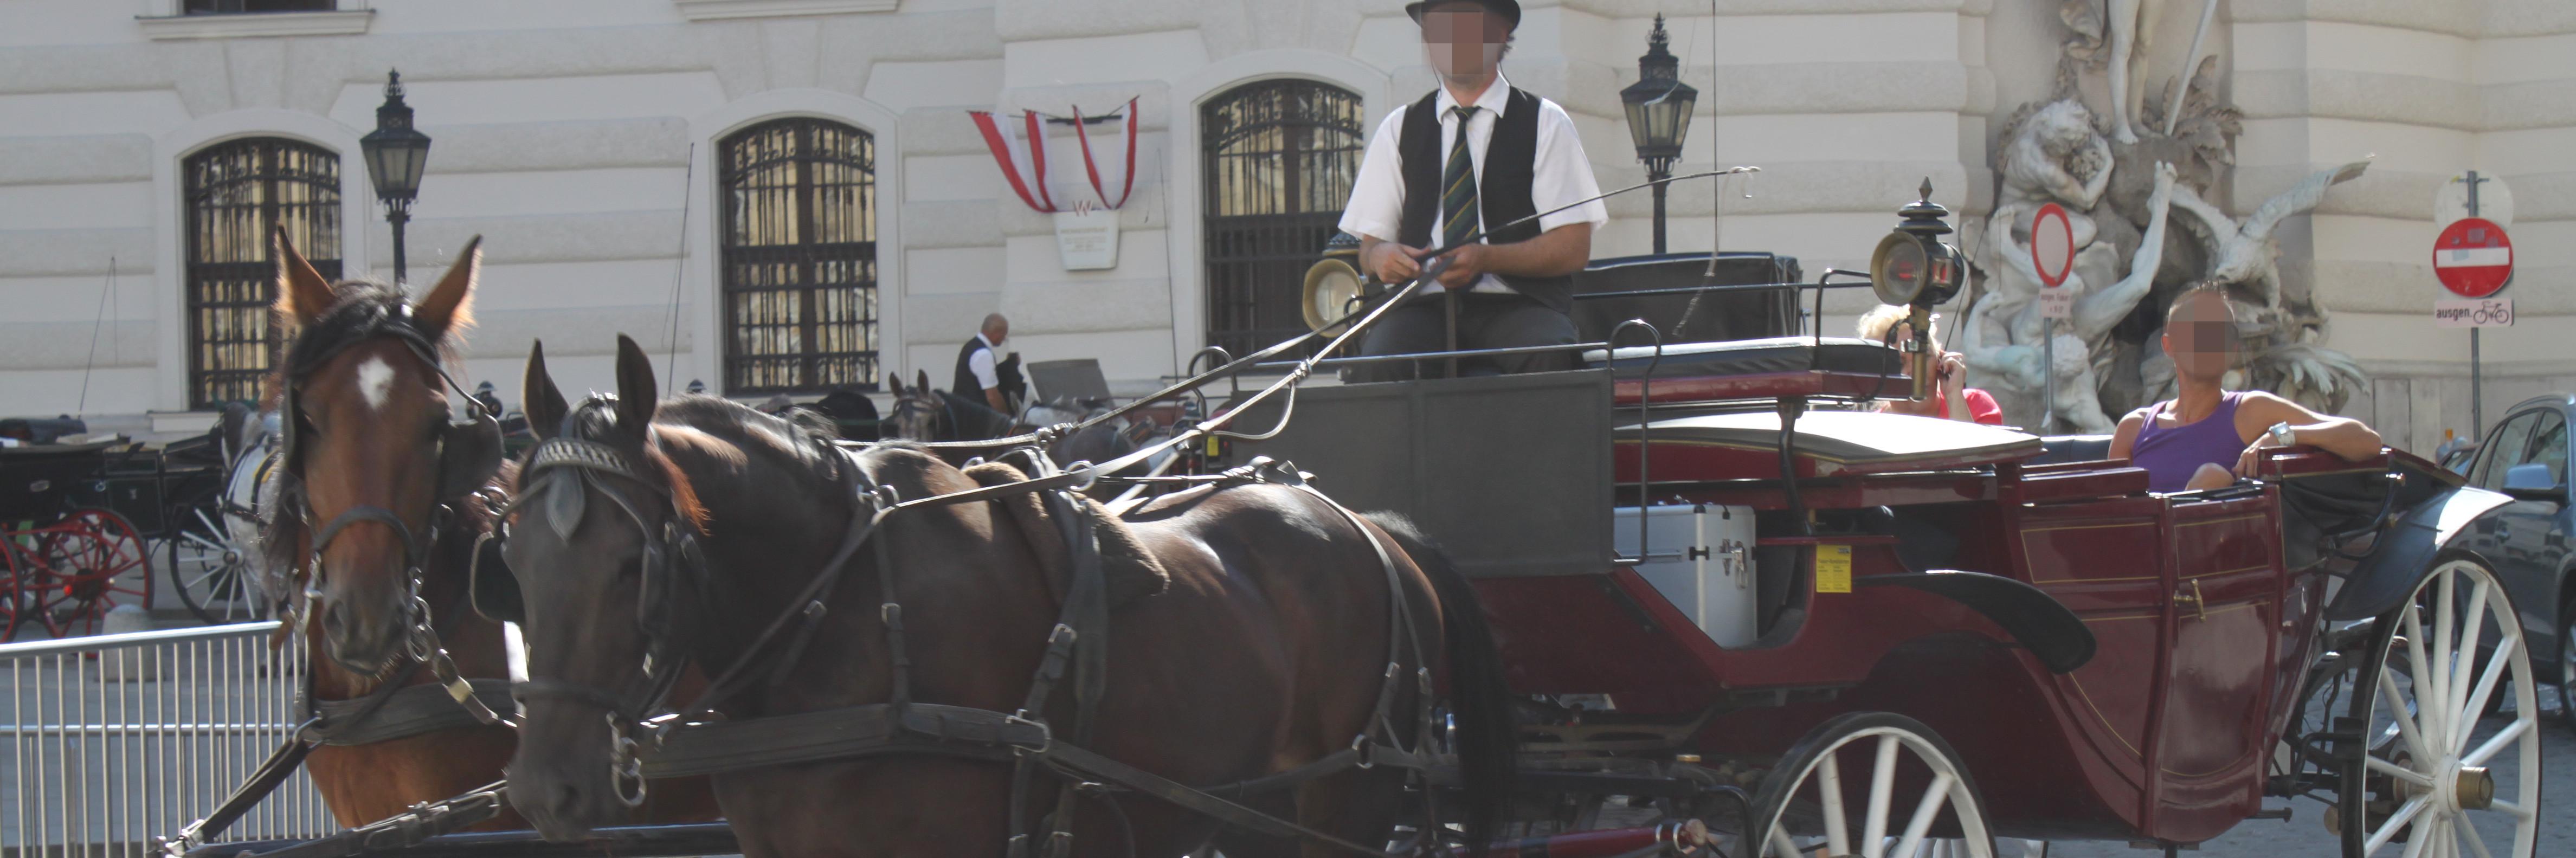 Fiakerkutsche in Wien